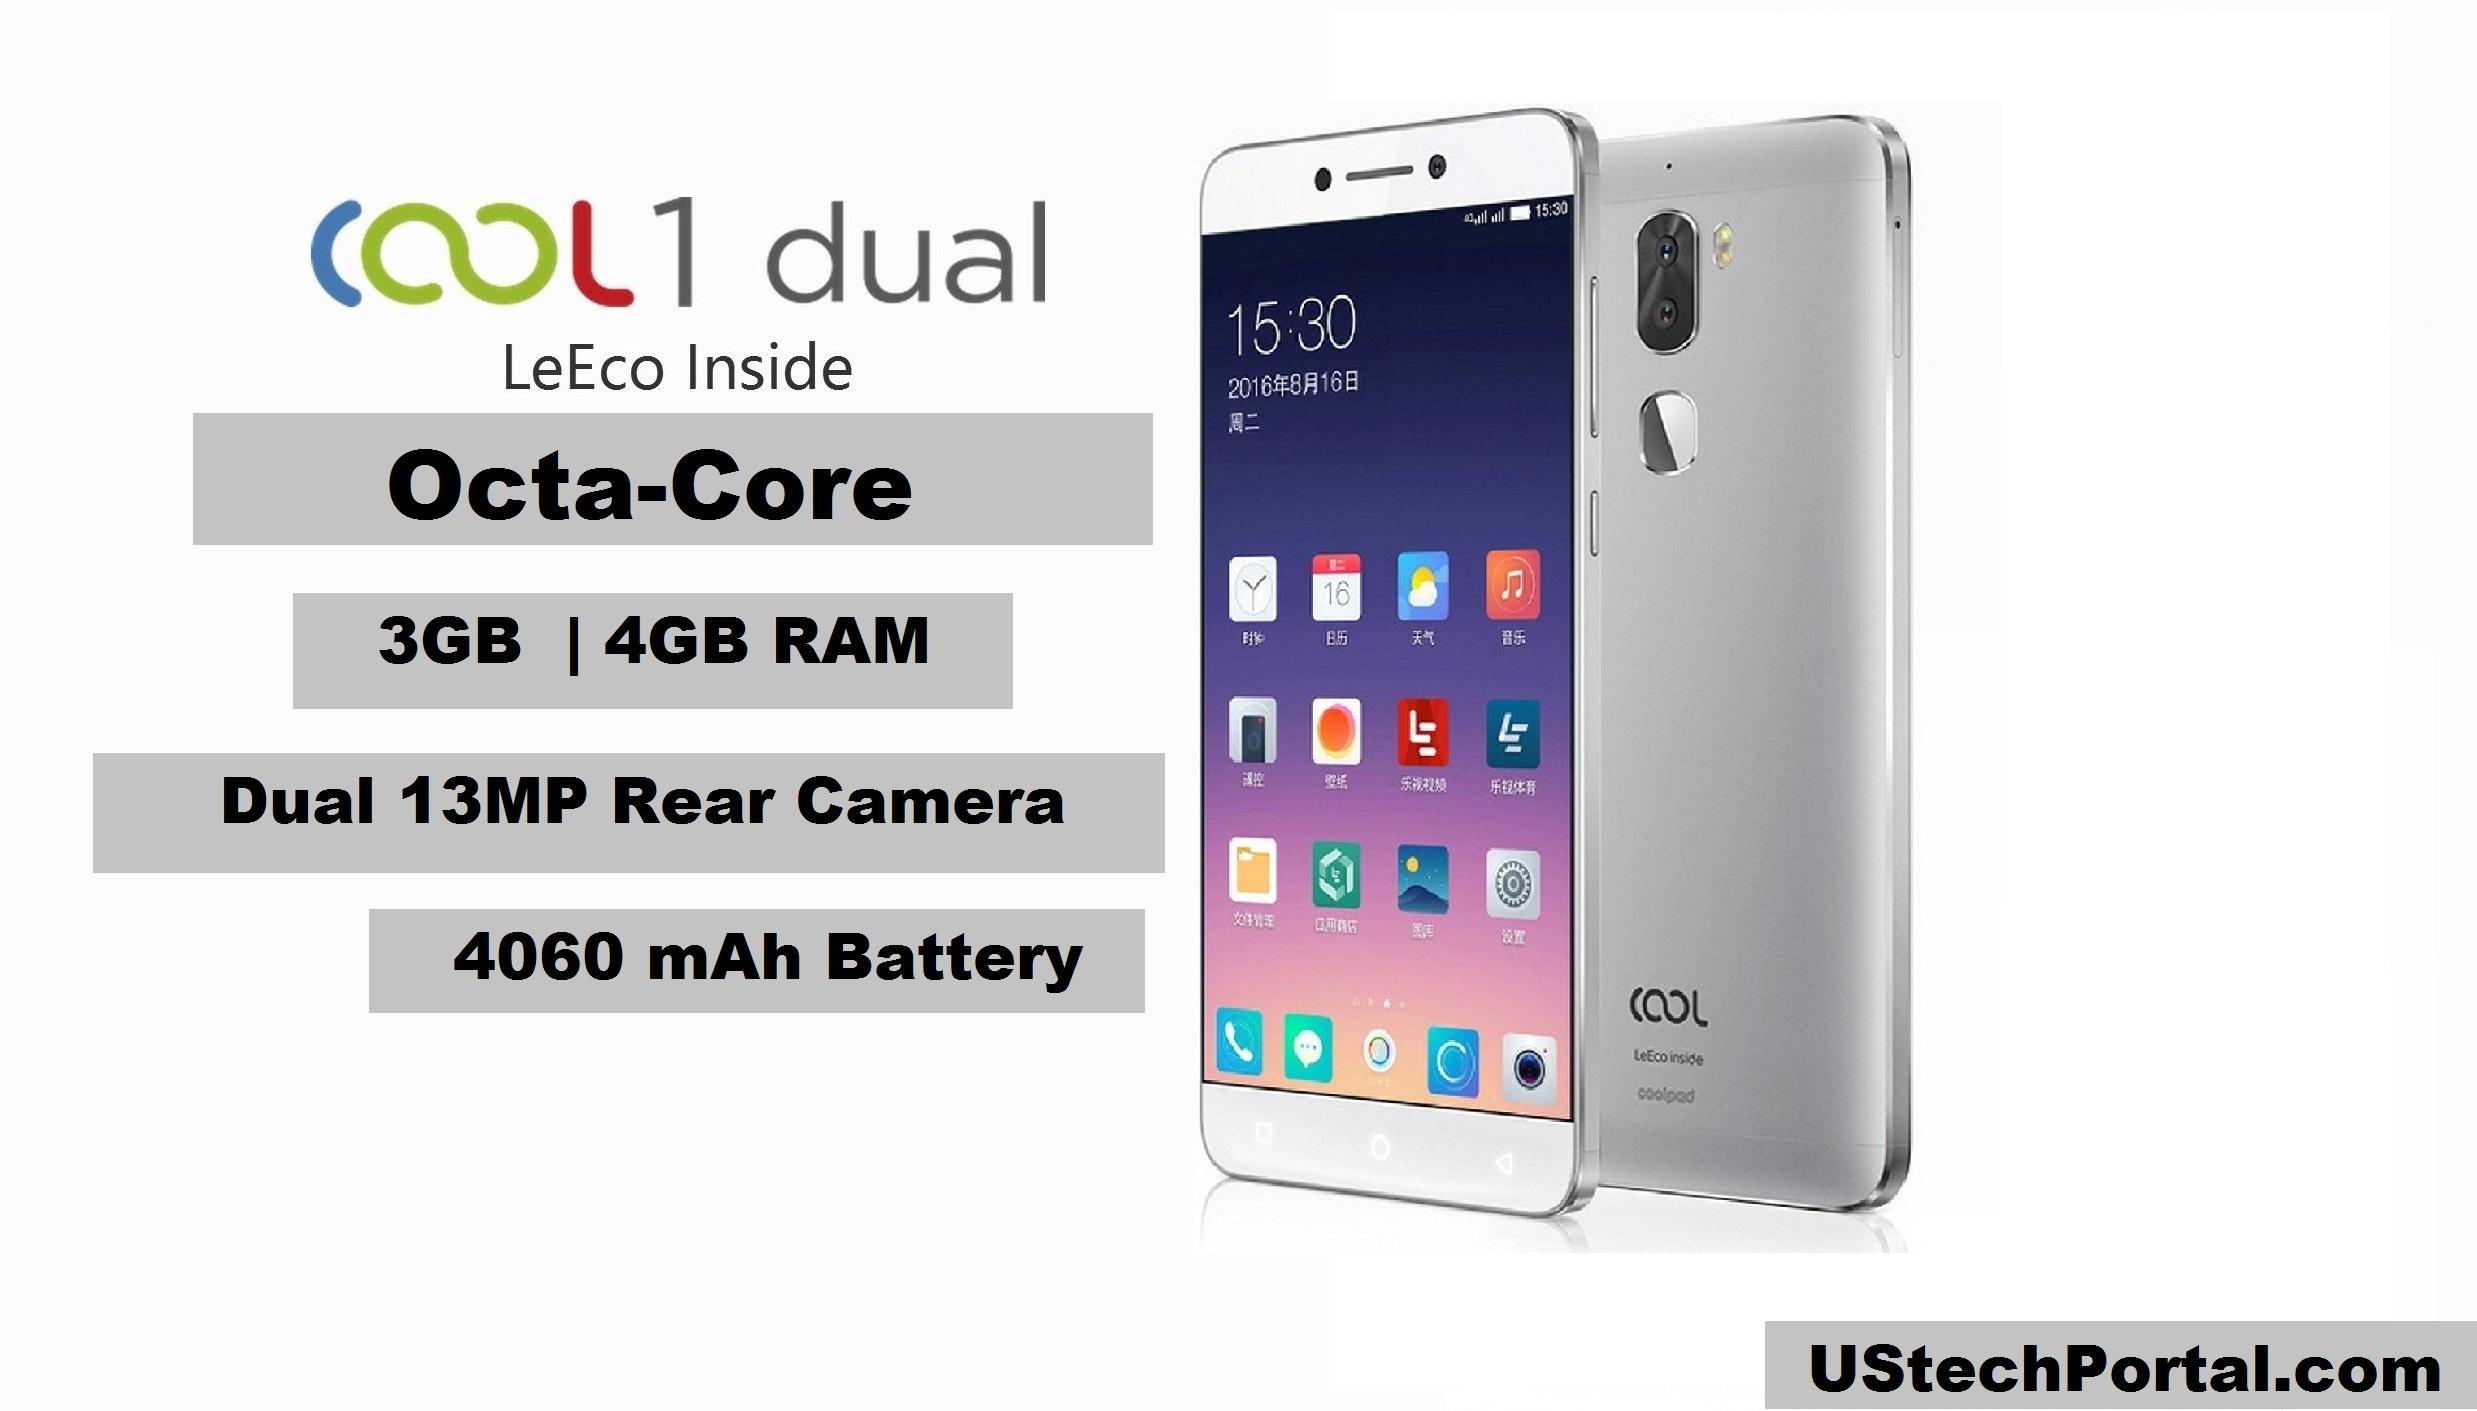 LeEco Cool1 dual Review :Advantages| Disadvantages| Price